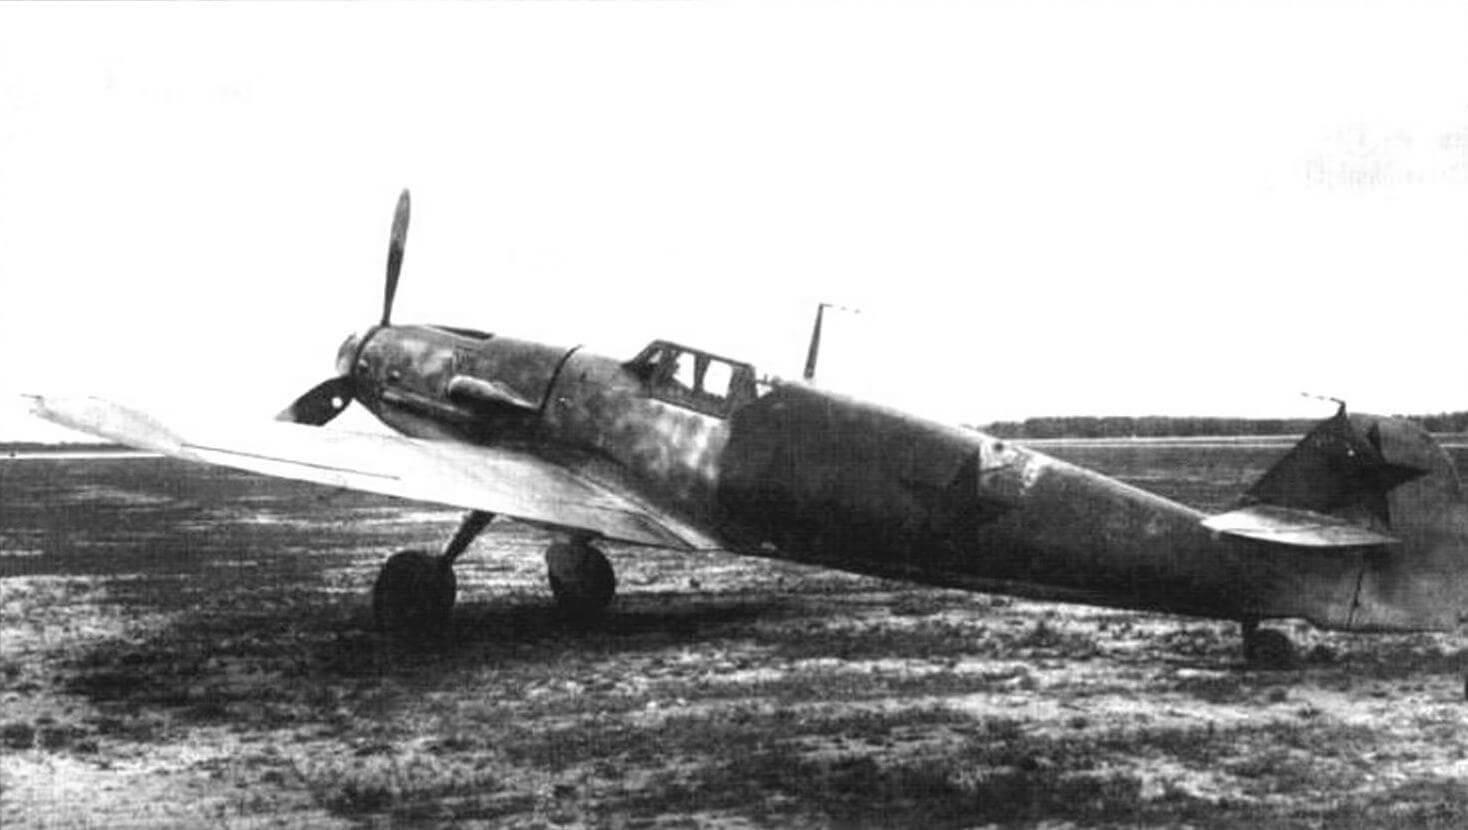 УДАЧНЫЙ, НО НЕ САМЫЙ ЛУЧШИЙ. Немного о самолете Bf 109F